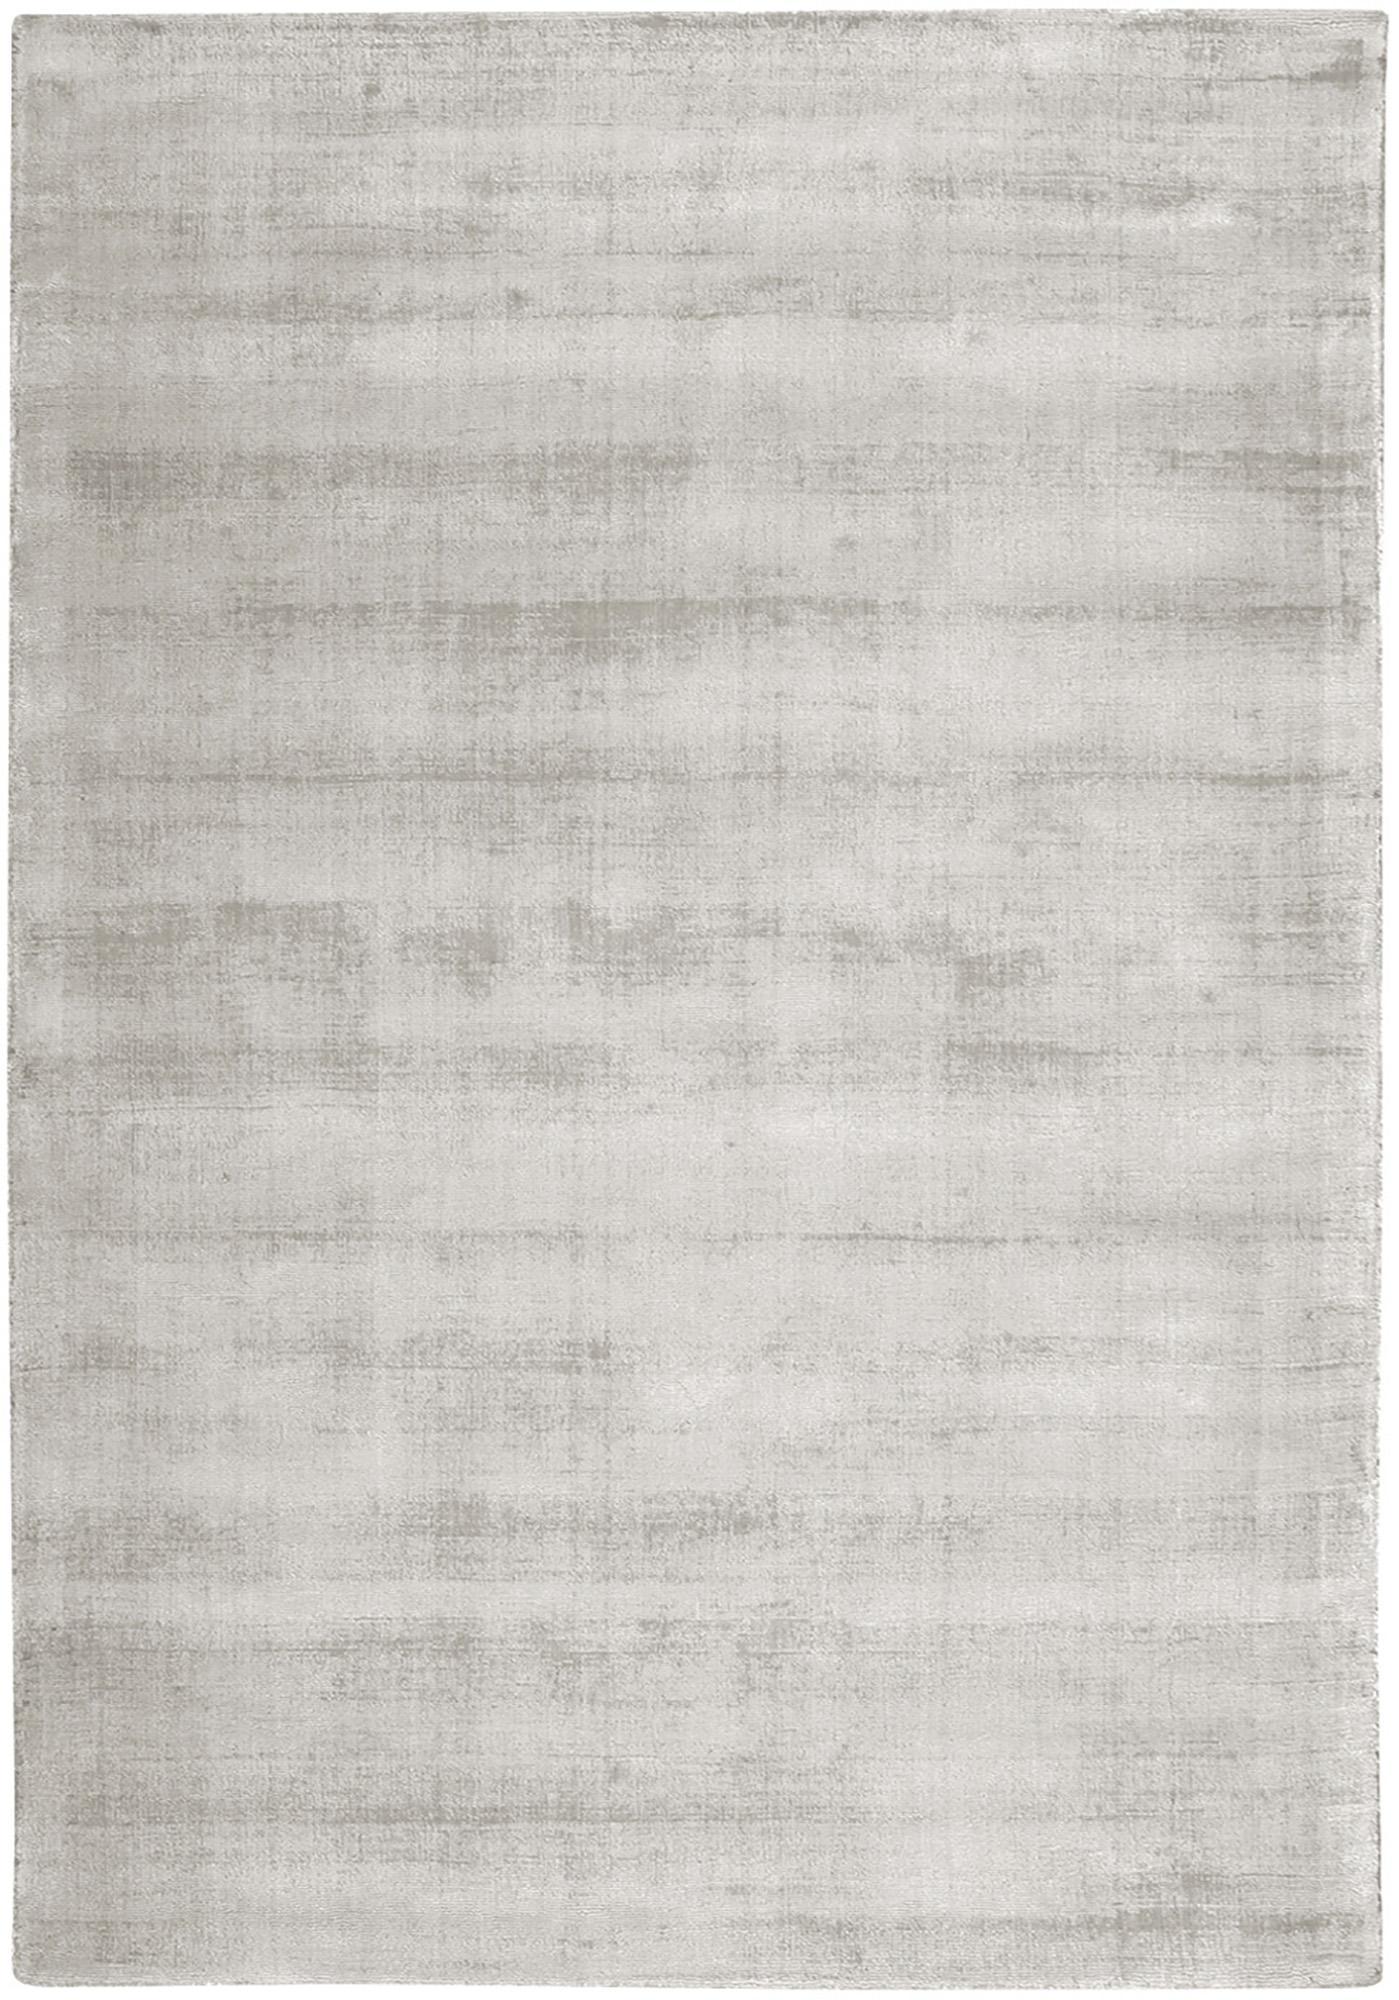 Handgewebter Viskoseteppich Jane in Hellgrau-Beige, Flor: 100% Viskose, Hellgrau-Beige, B 160 x L 230 cm (Größe M)